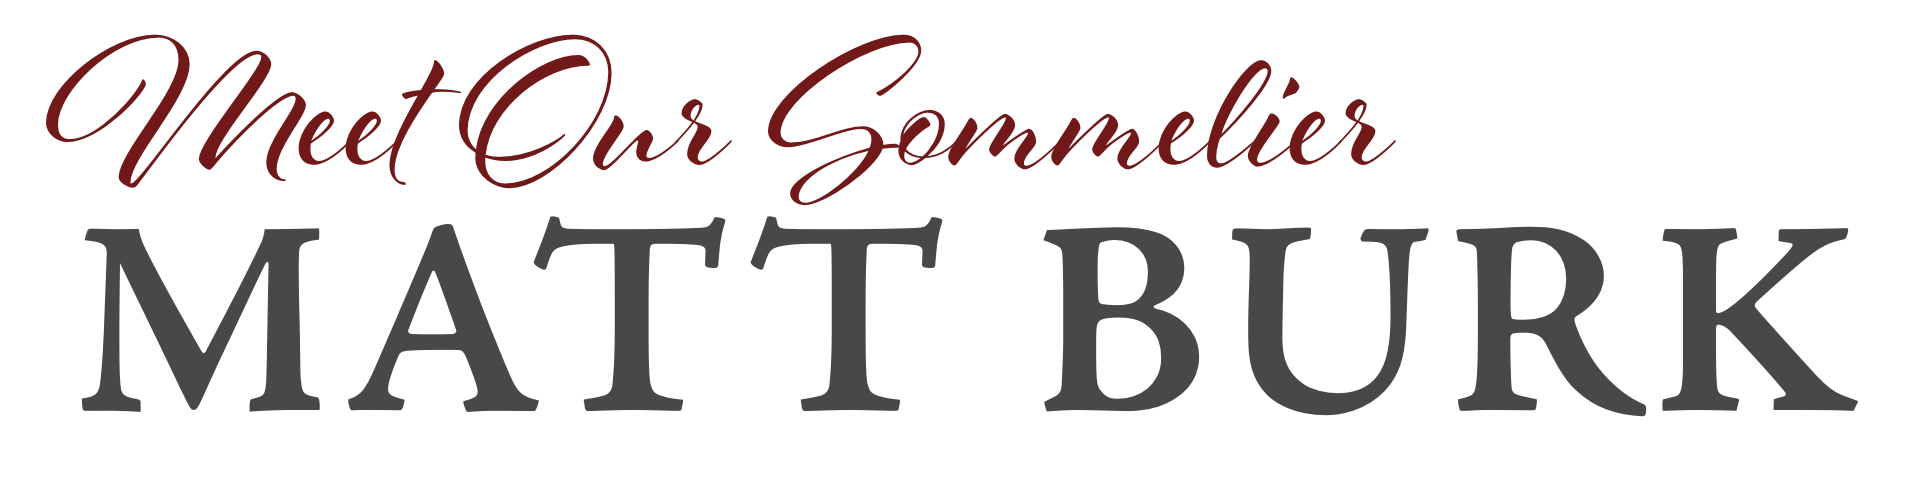 Meet the Sommelier Matt Burk